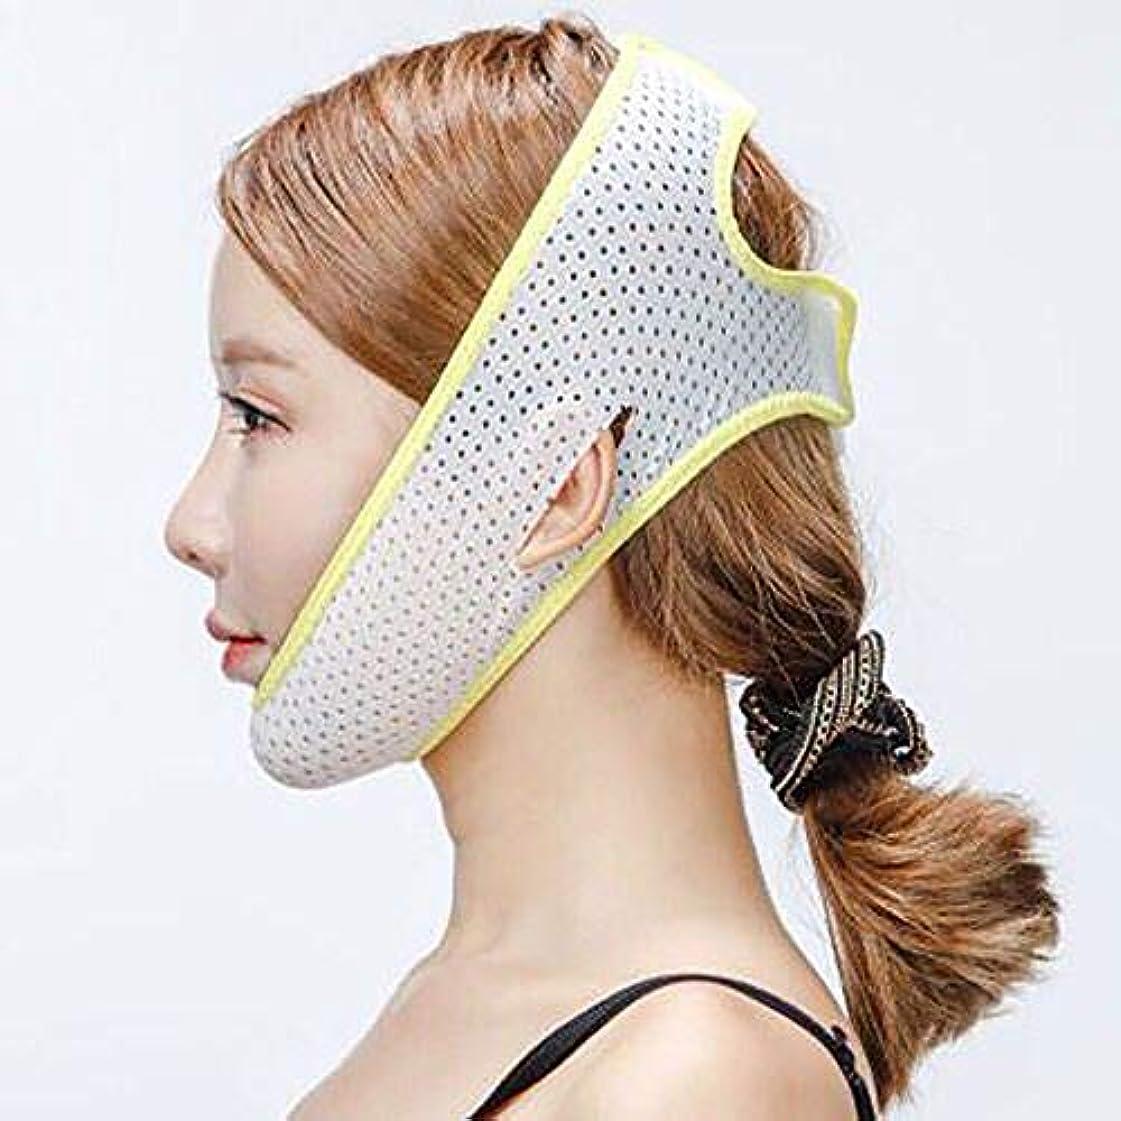 からかう伝えるで出来ているVフェイス包帯マスク、睡眠薄い顔アーティファクトフェイスリフトベルトライン彫刻回復包帯物理的な持ち上がる二重あごツール,Yellow